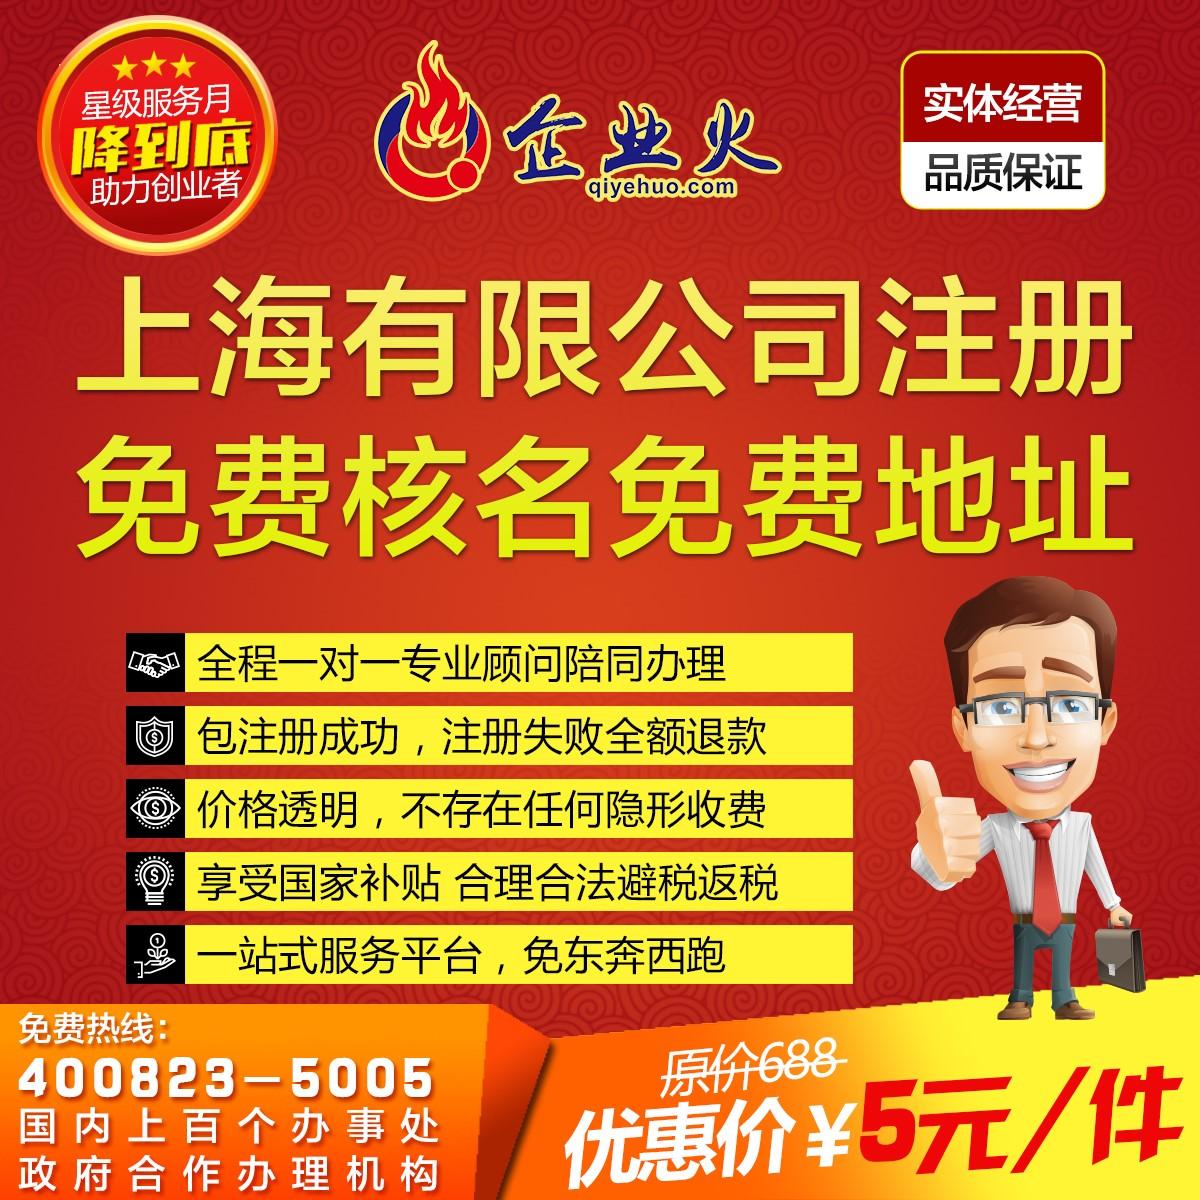 注册食品流通公司许可证所需材料/注册医疗器械公司/上海优开信息科技有限公司